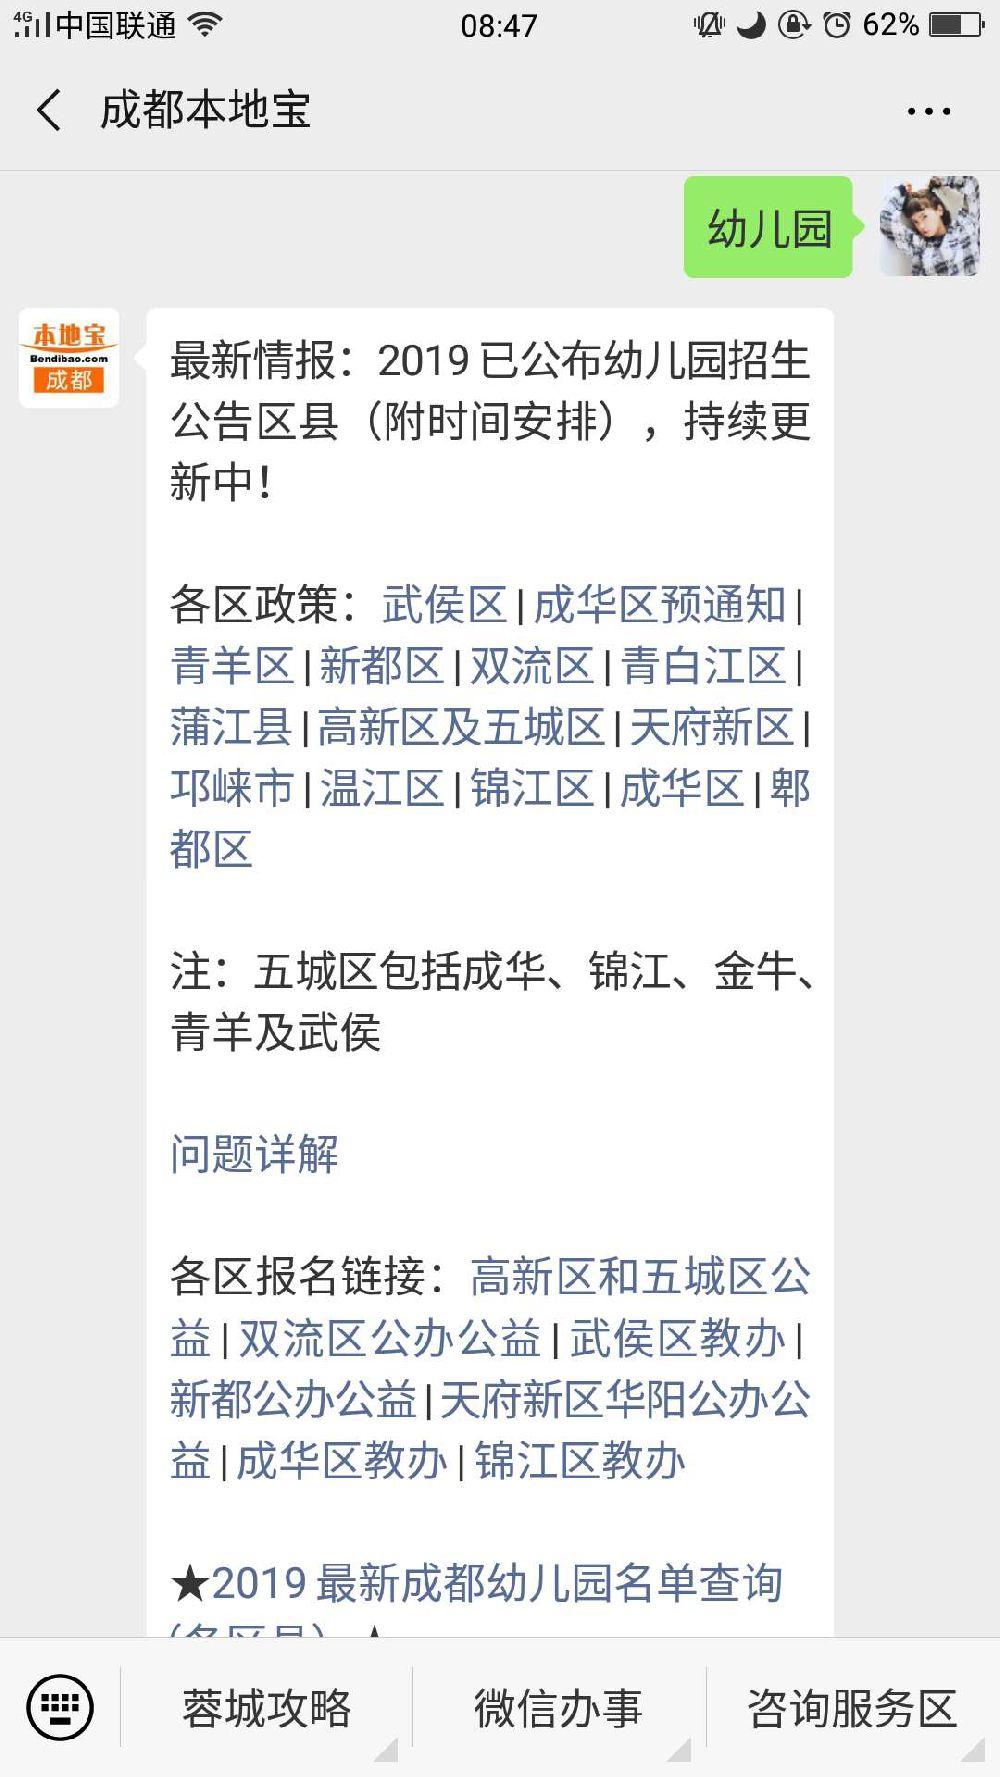 2019年成都成华区教办幼儿园网上报名入口